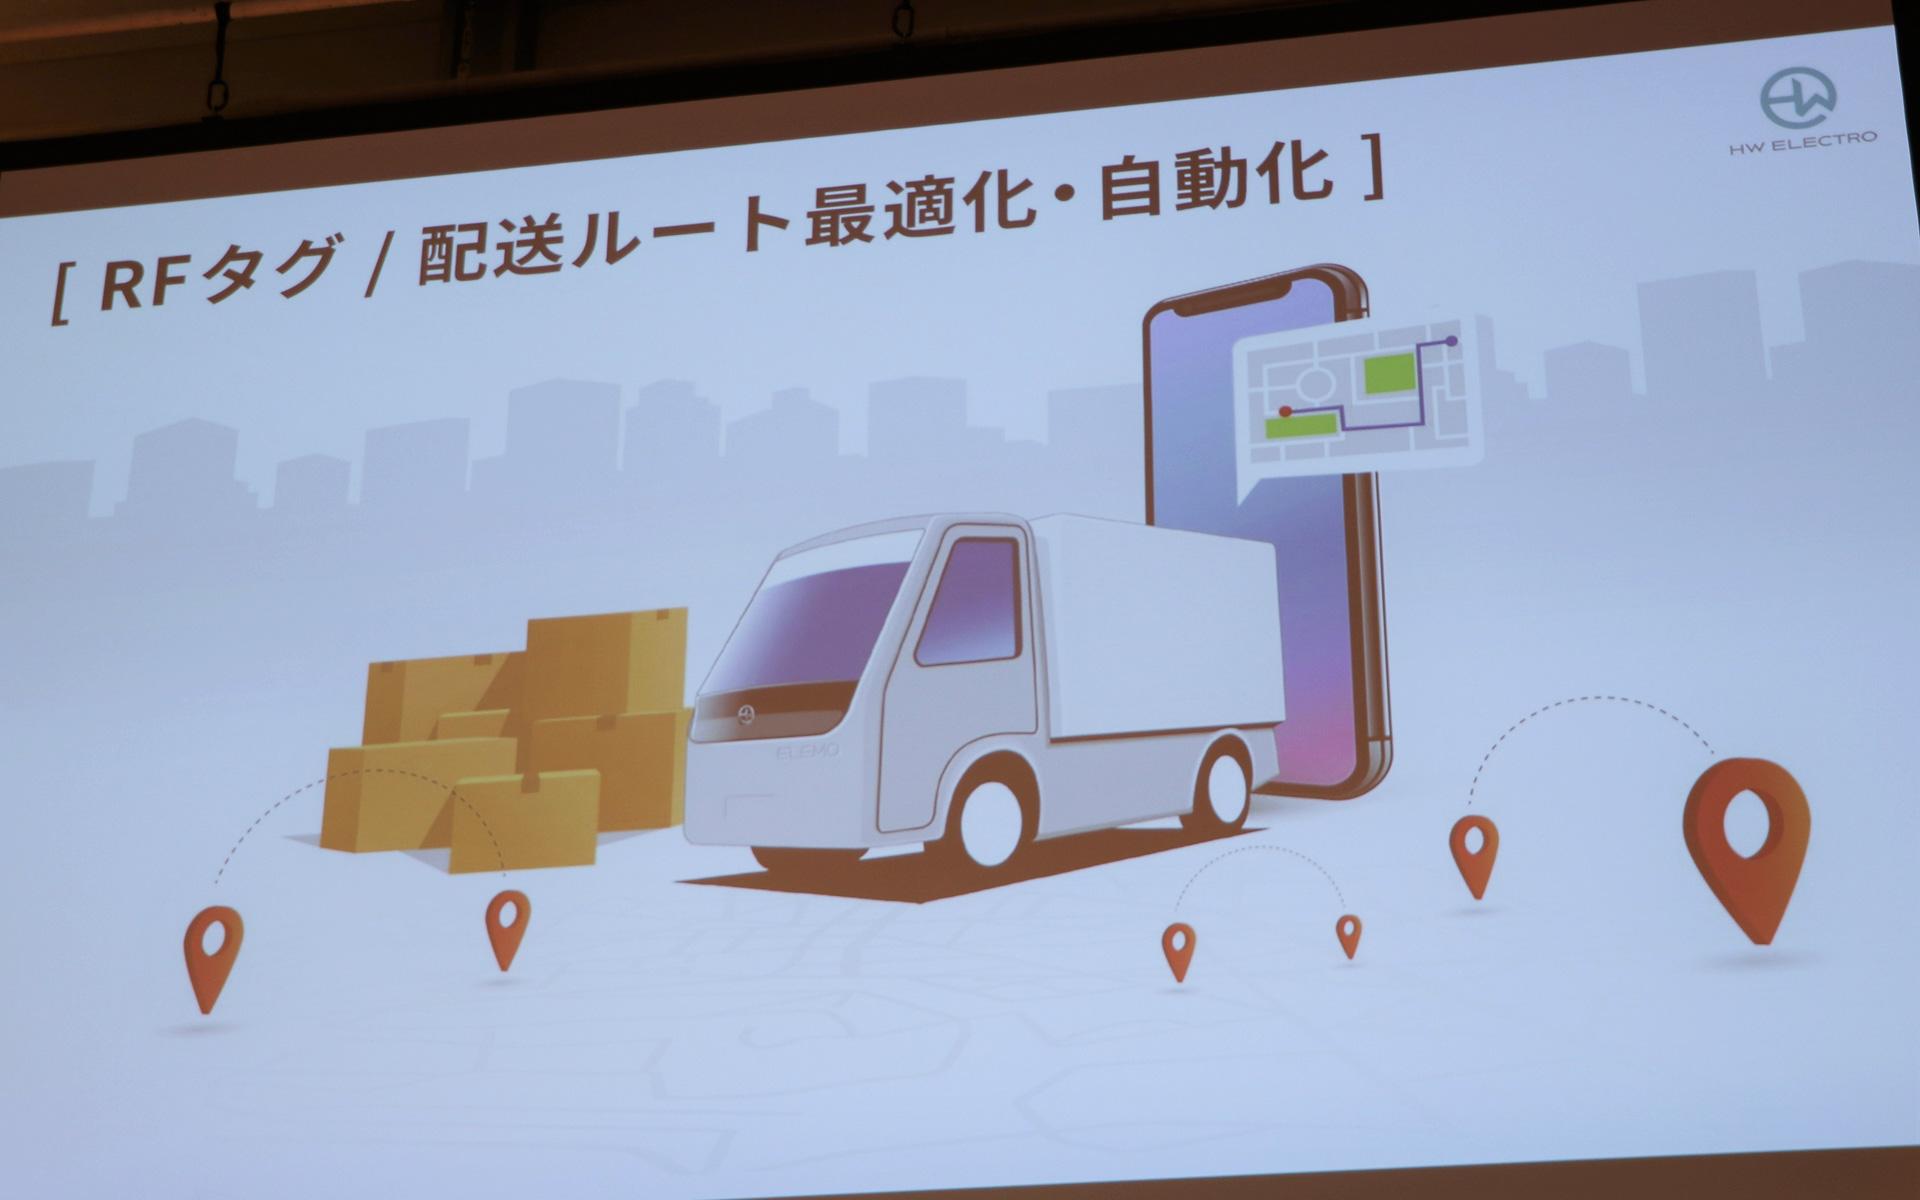 センサーで積んだ荷物のタグを読み取り、配送ルートが自動的に最適化されるシステムも開発予定という